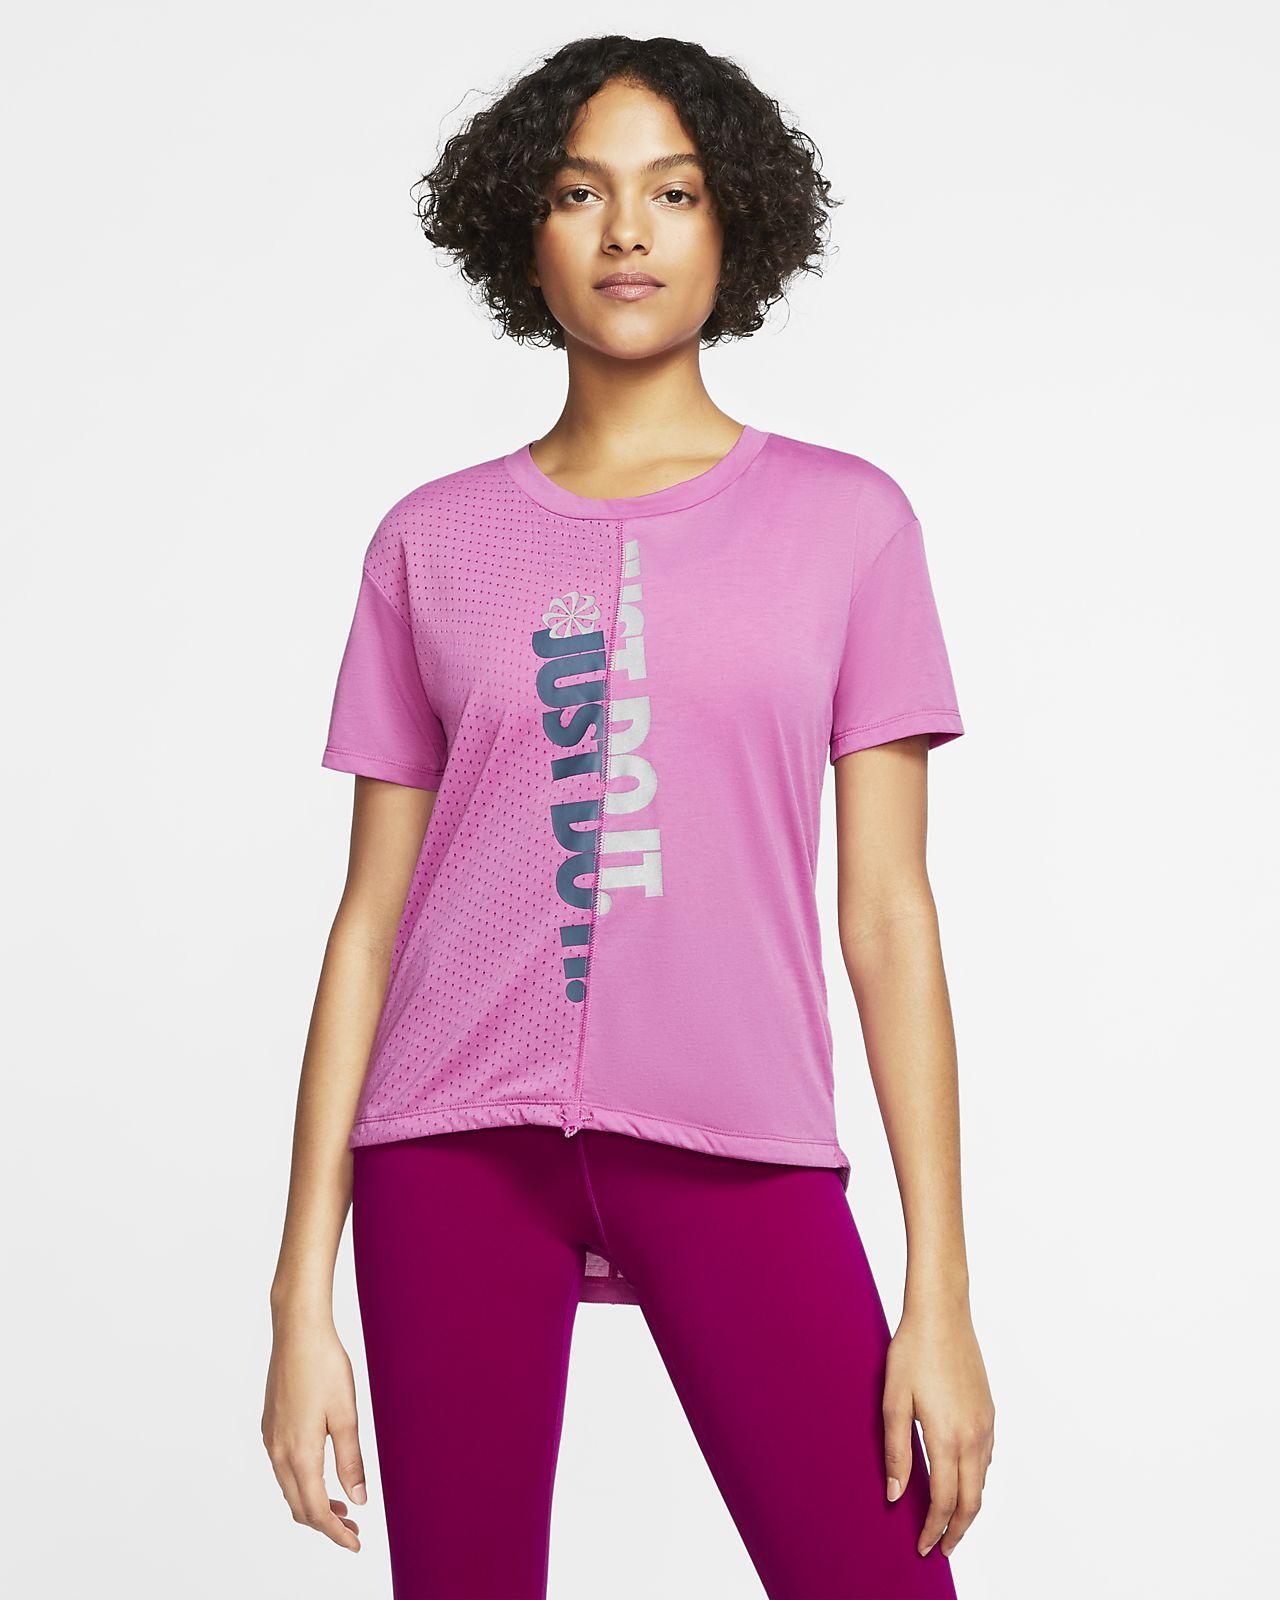 Nike Icon Clash rövid ujjú női futófelső